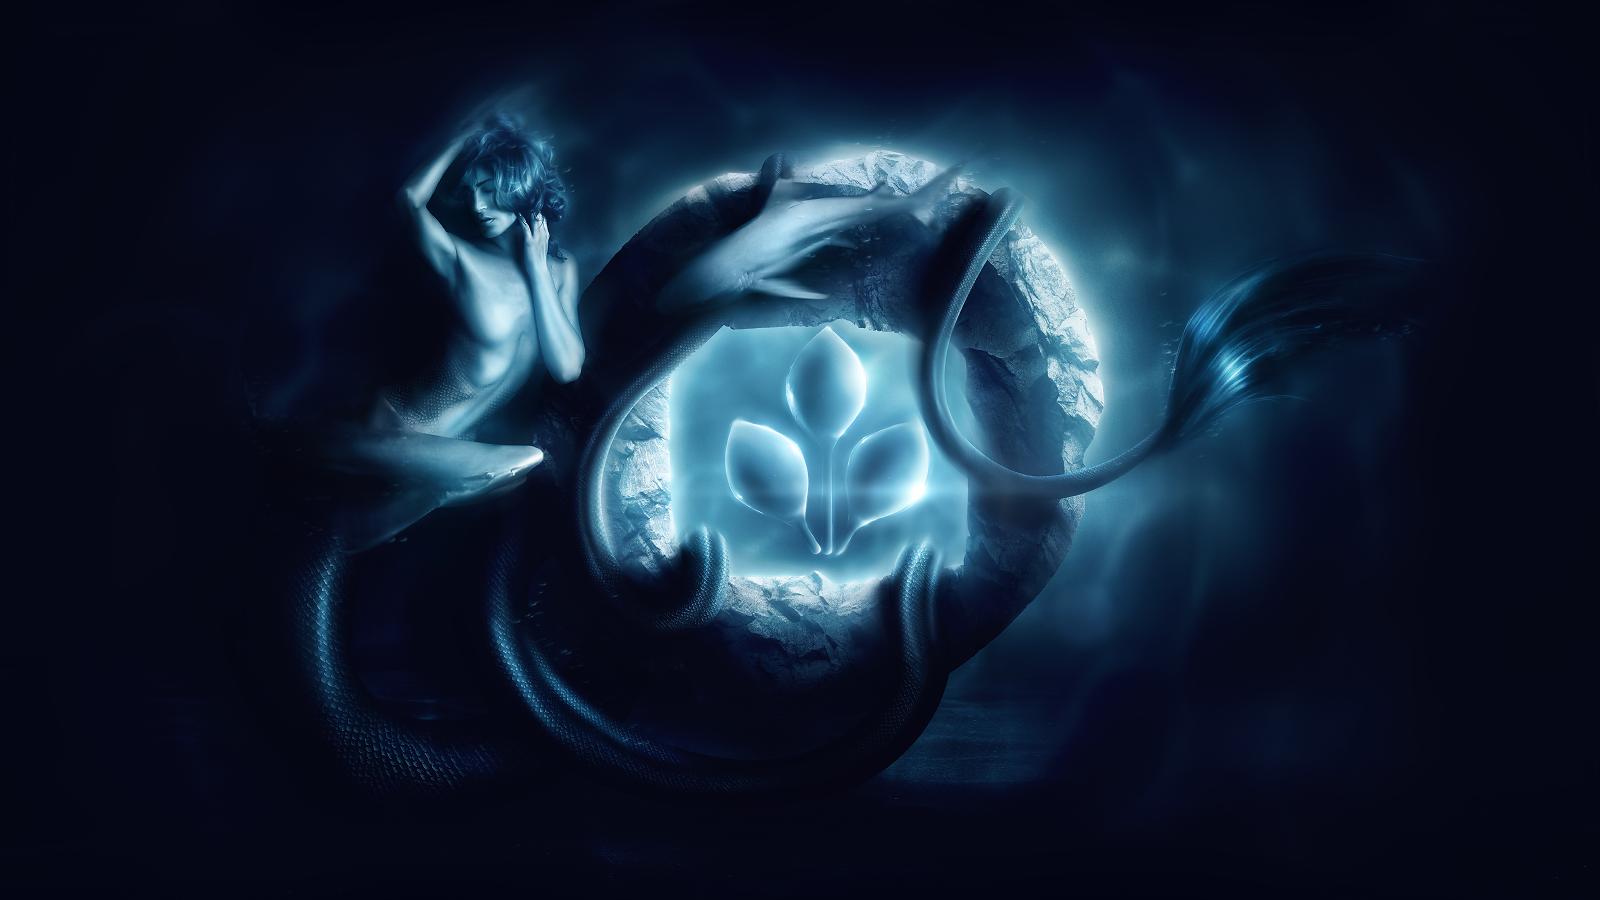 Desktopography 2014: Deep Sea Light by AbbeyMarie